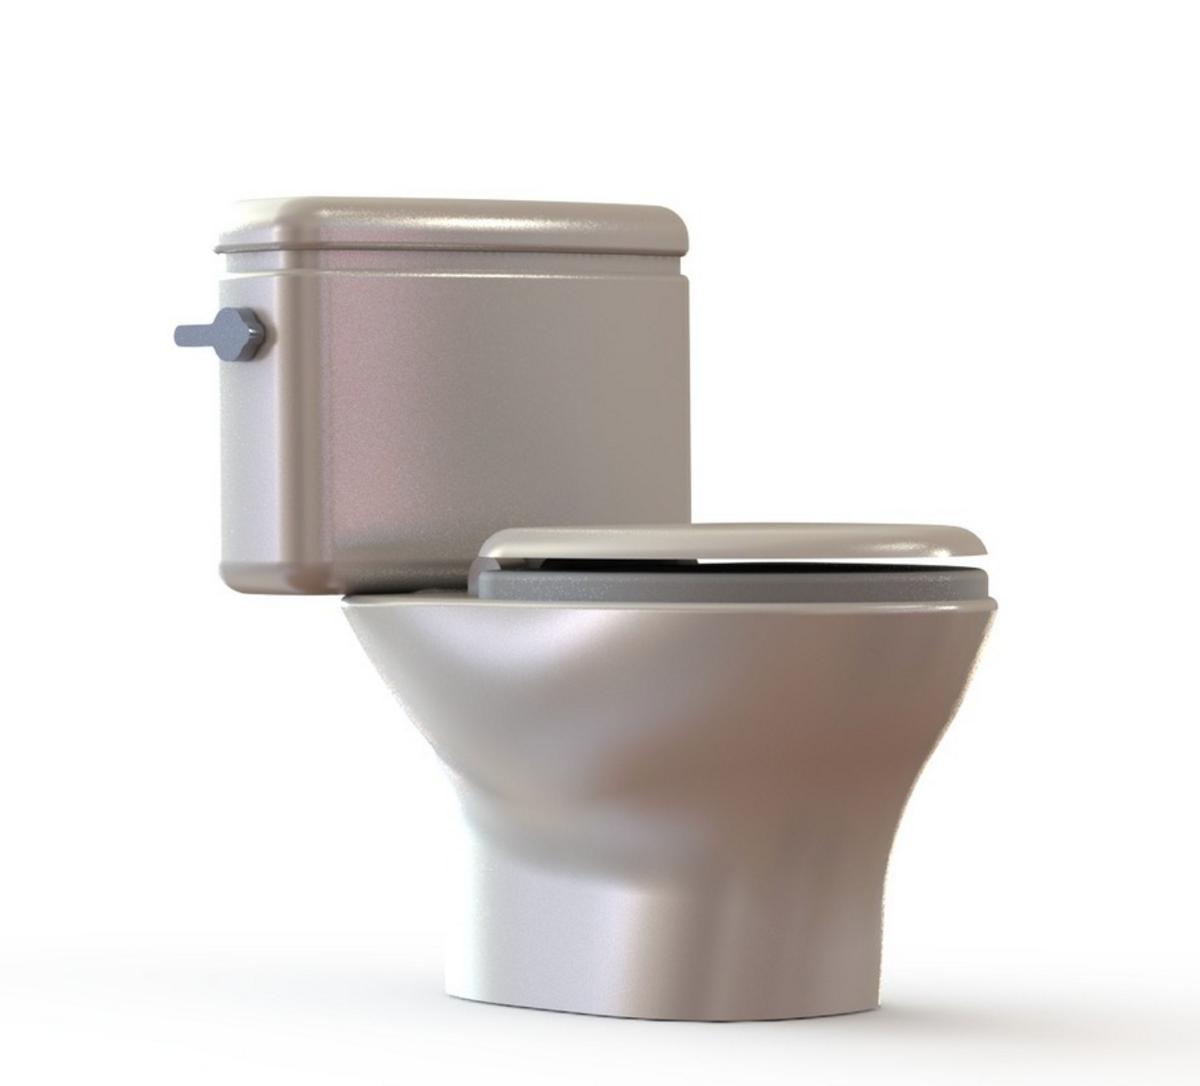 Capture d'écran 2016-10-14 à 10.15.11.png Download free STL file 86Duino Toilet • 3D printable object, 86Duino